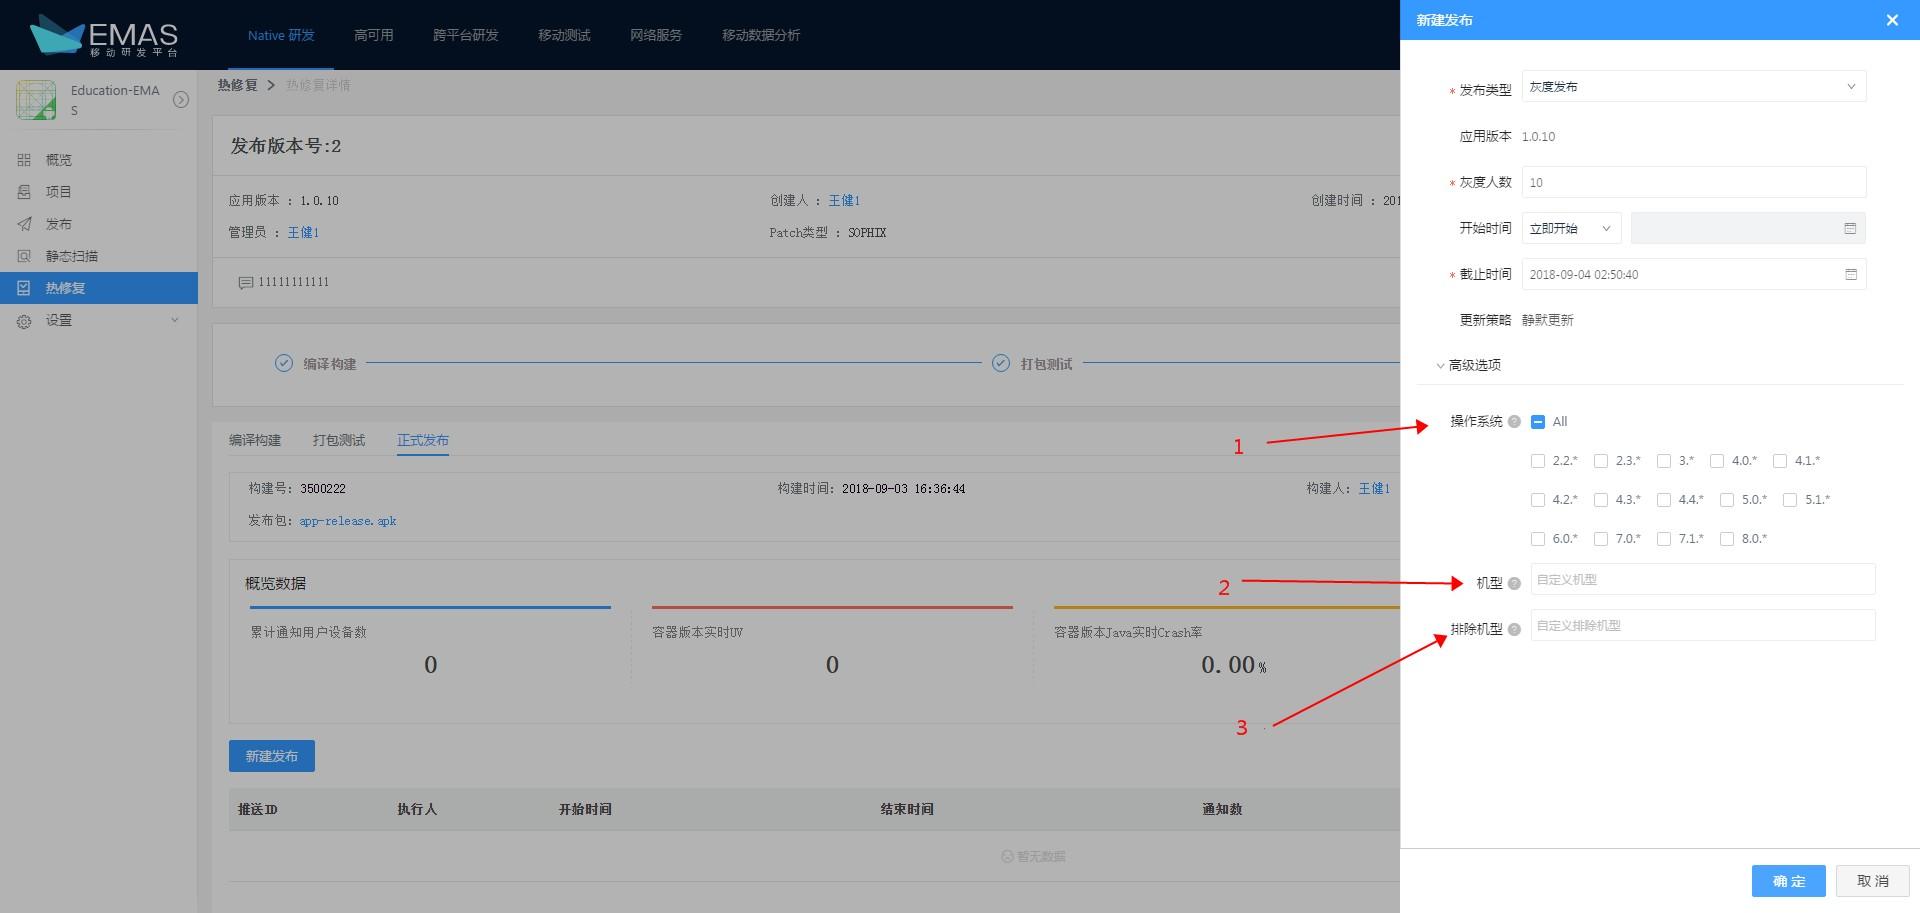 hotfix_advance_publish